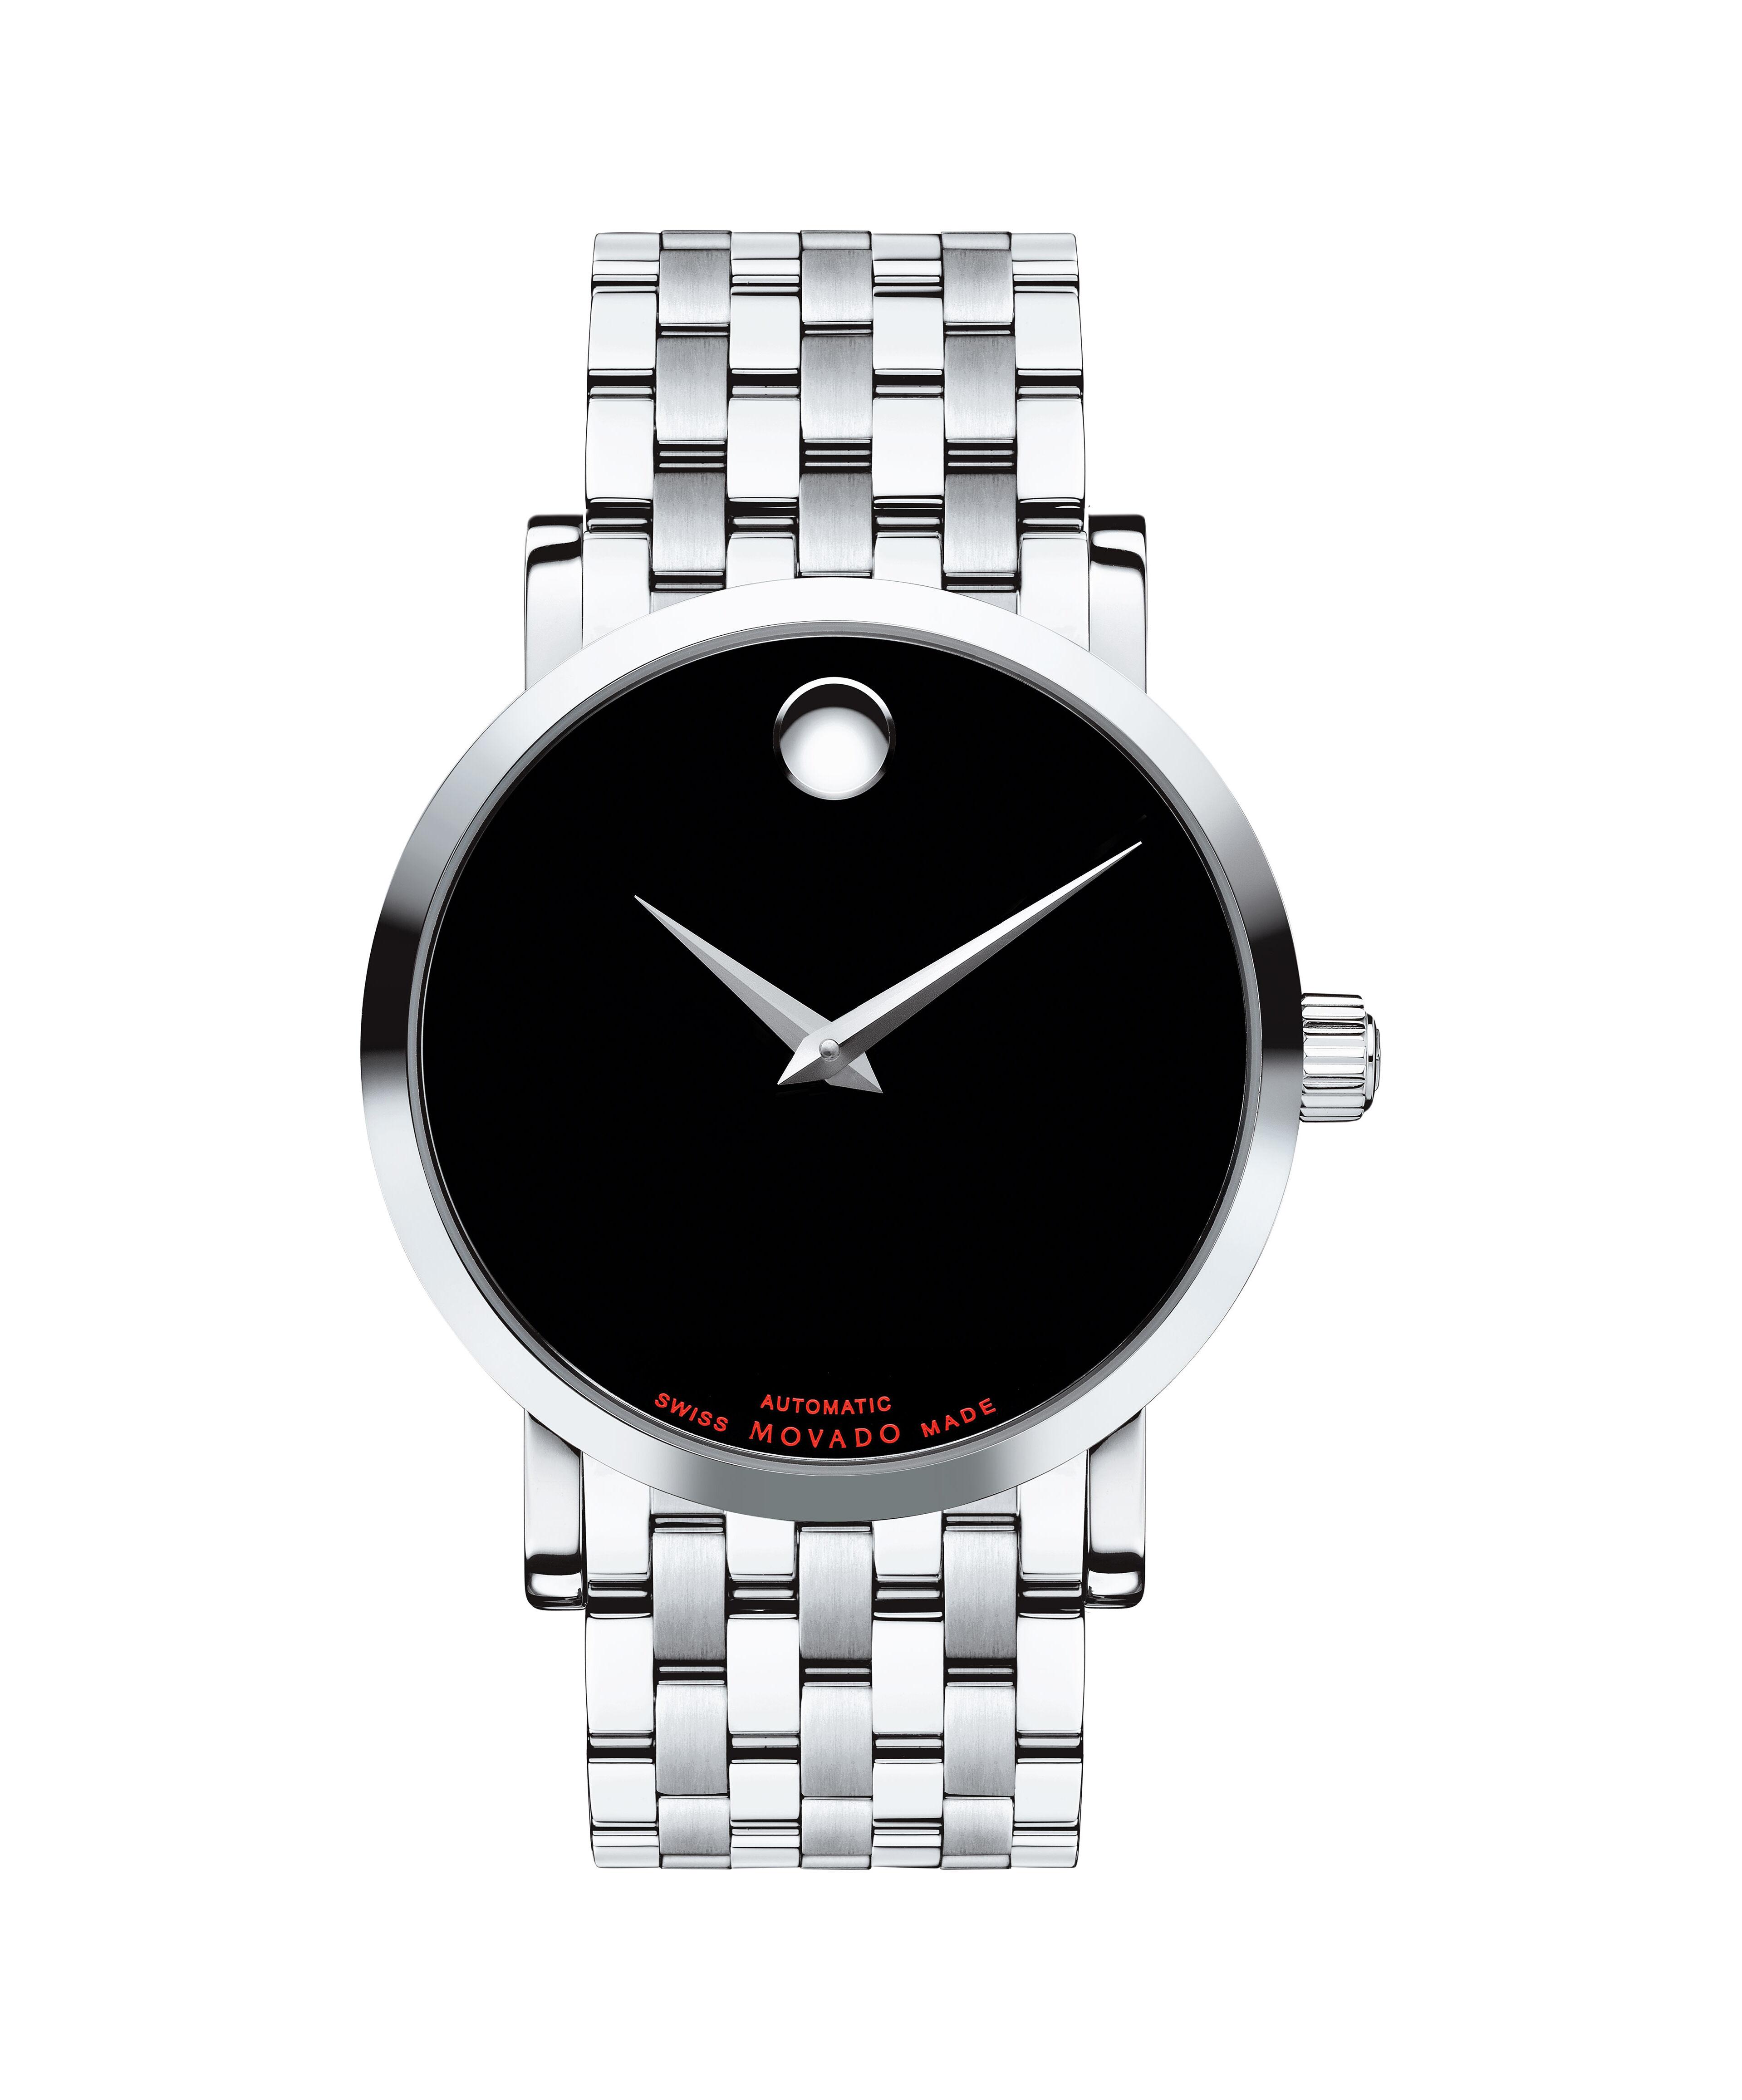 Ap Gefälschte Uhren Zum Verkauf